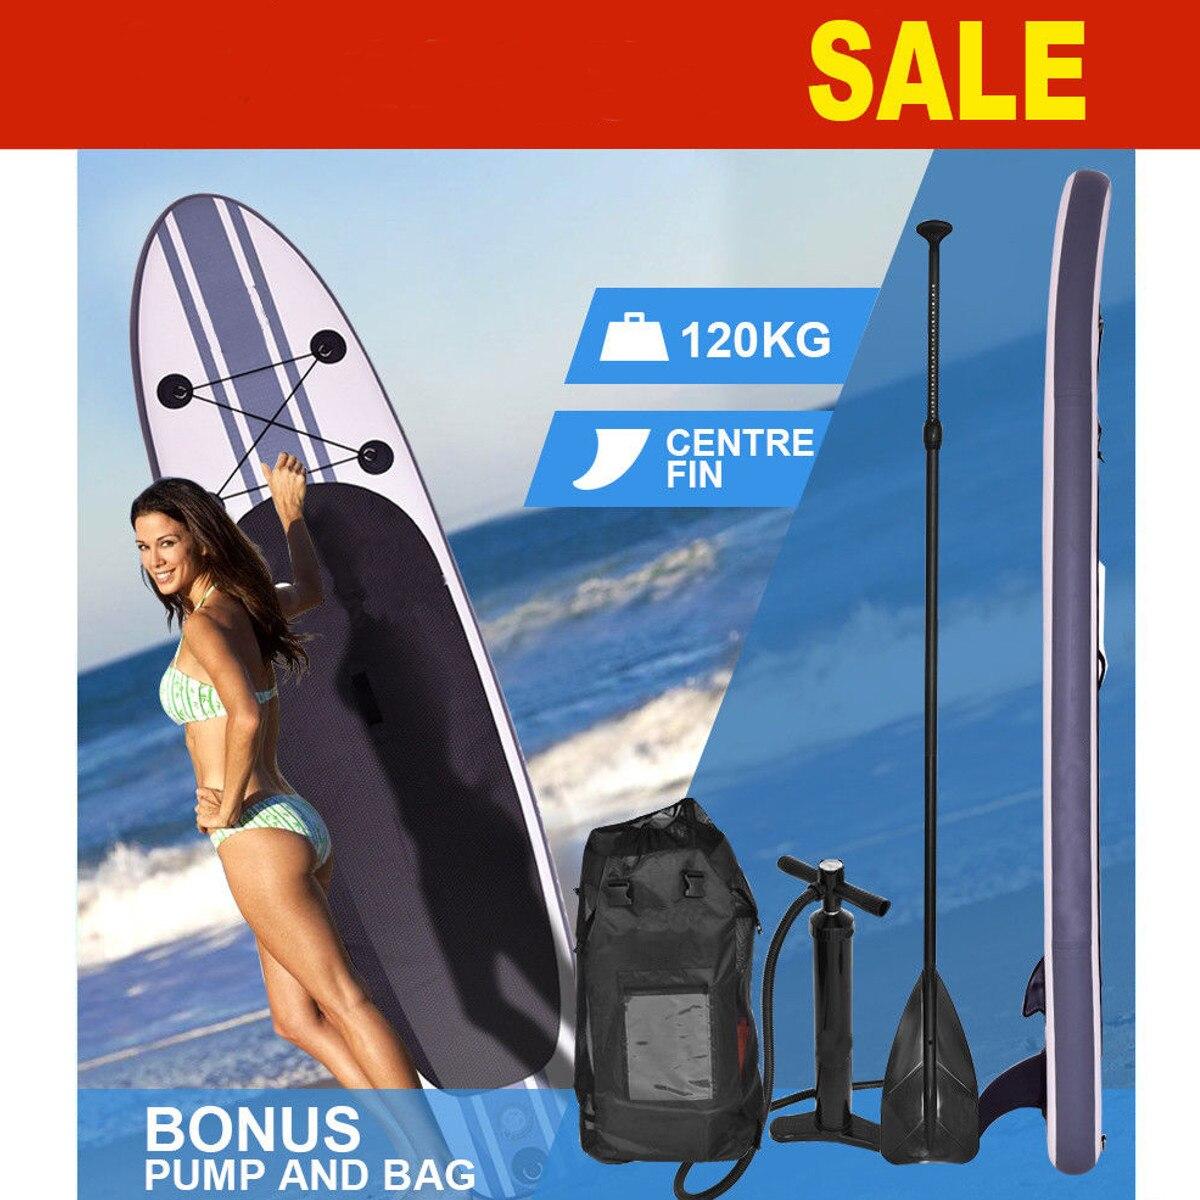 Gofun 335*76*15 cm stand up paddle Planche De surf Gonflable Conseil SUP Ensemble Vague Coureurs + Pompe gonflable surf planche de paddle bateau